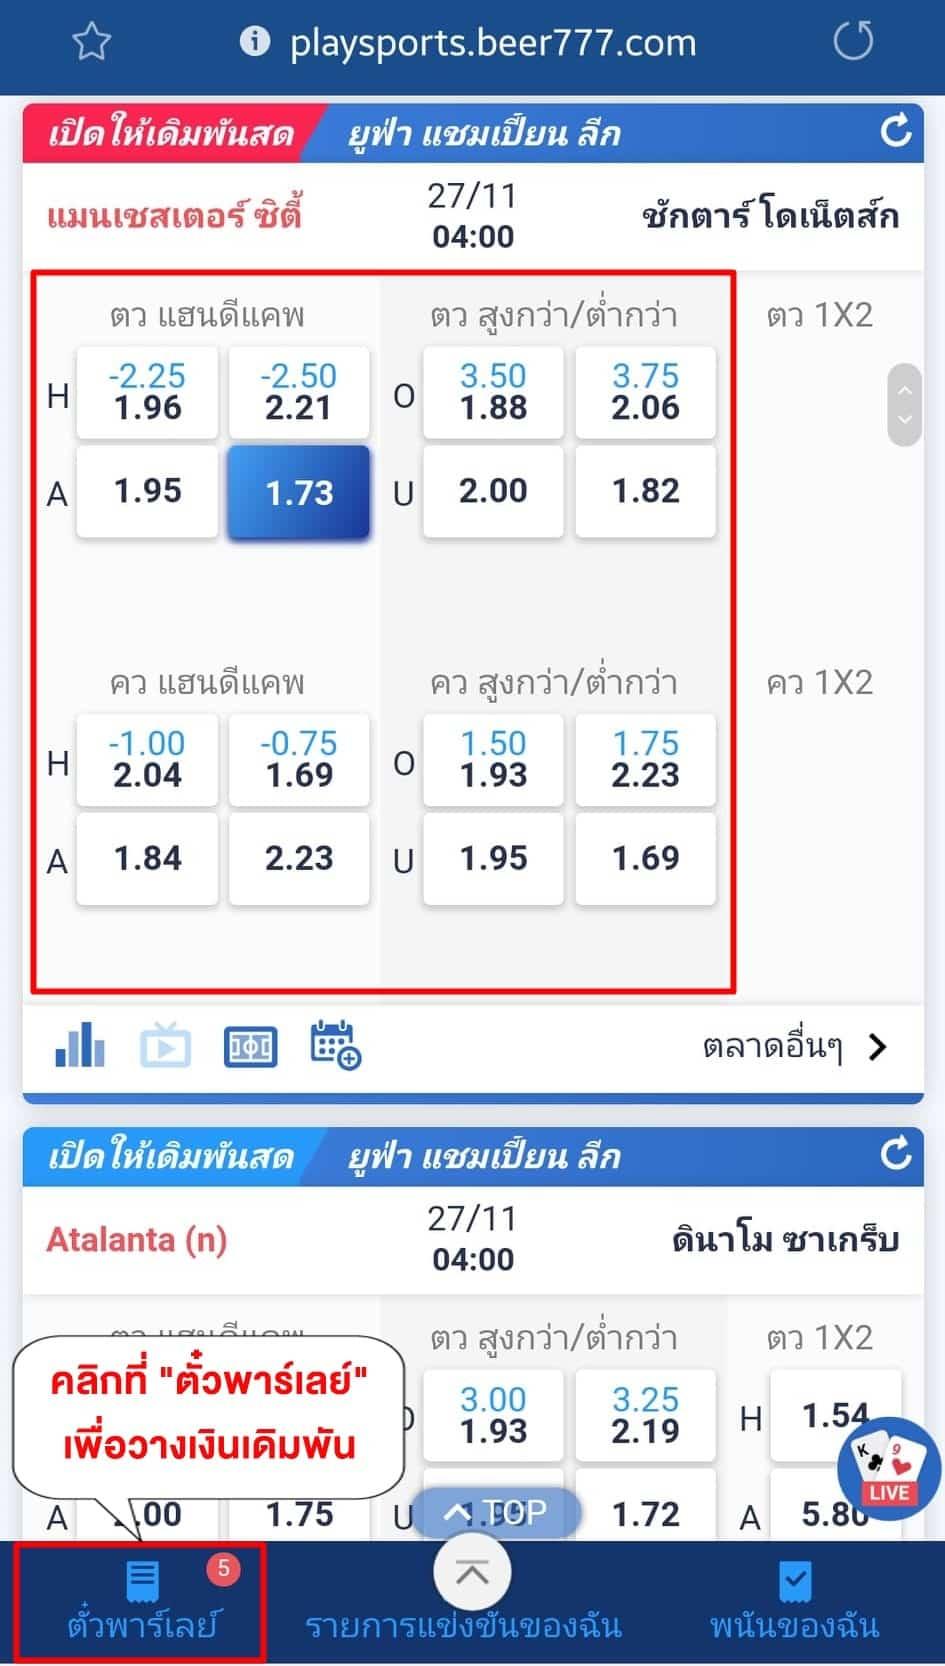 click2sbobet mobile login 04